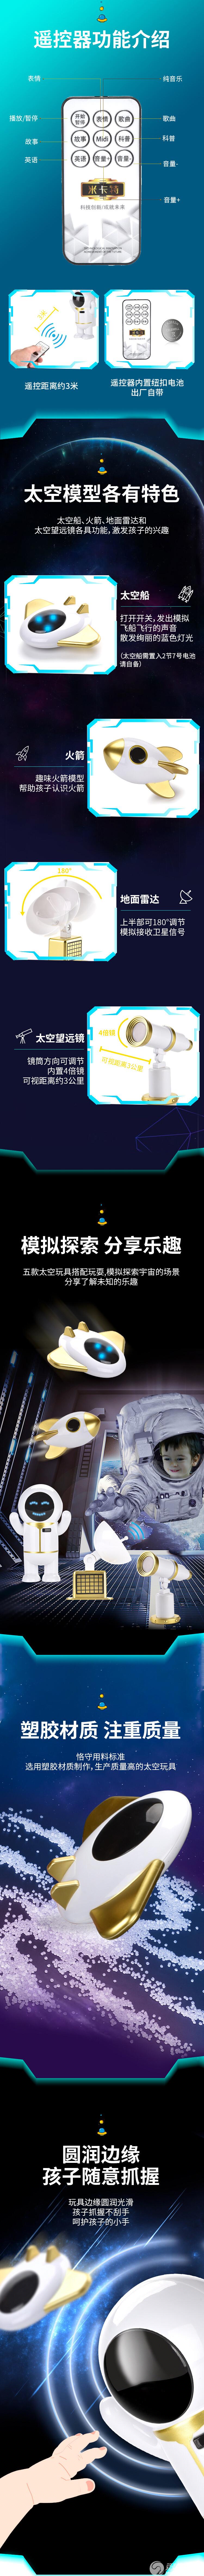 宝威-(2202)-太空人系列-中文版详情_02.jpg